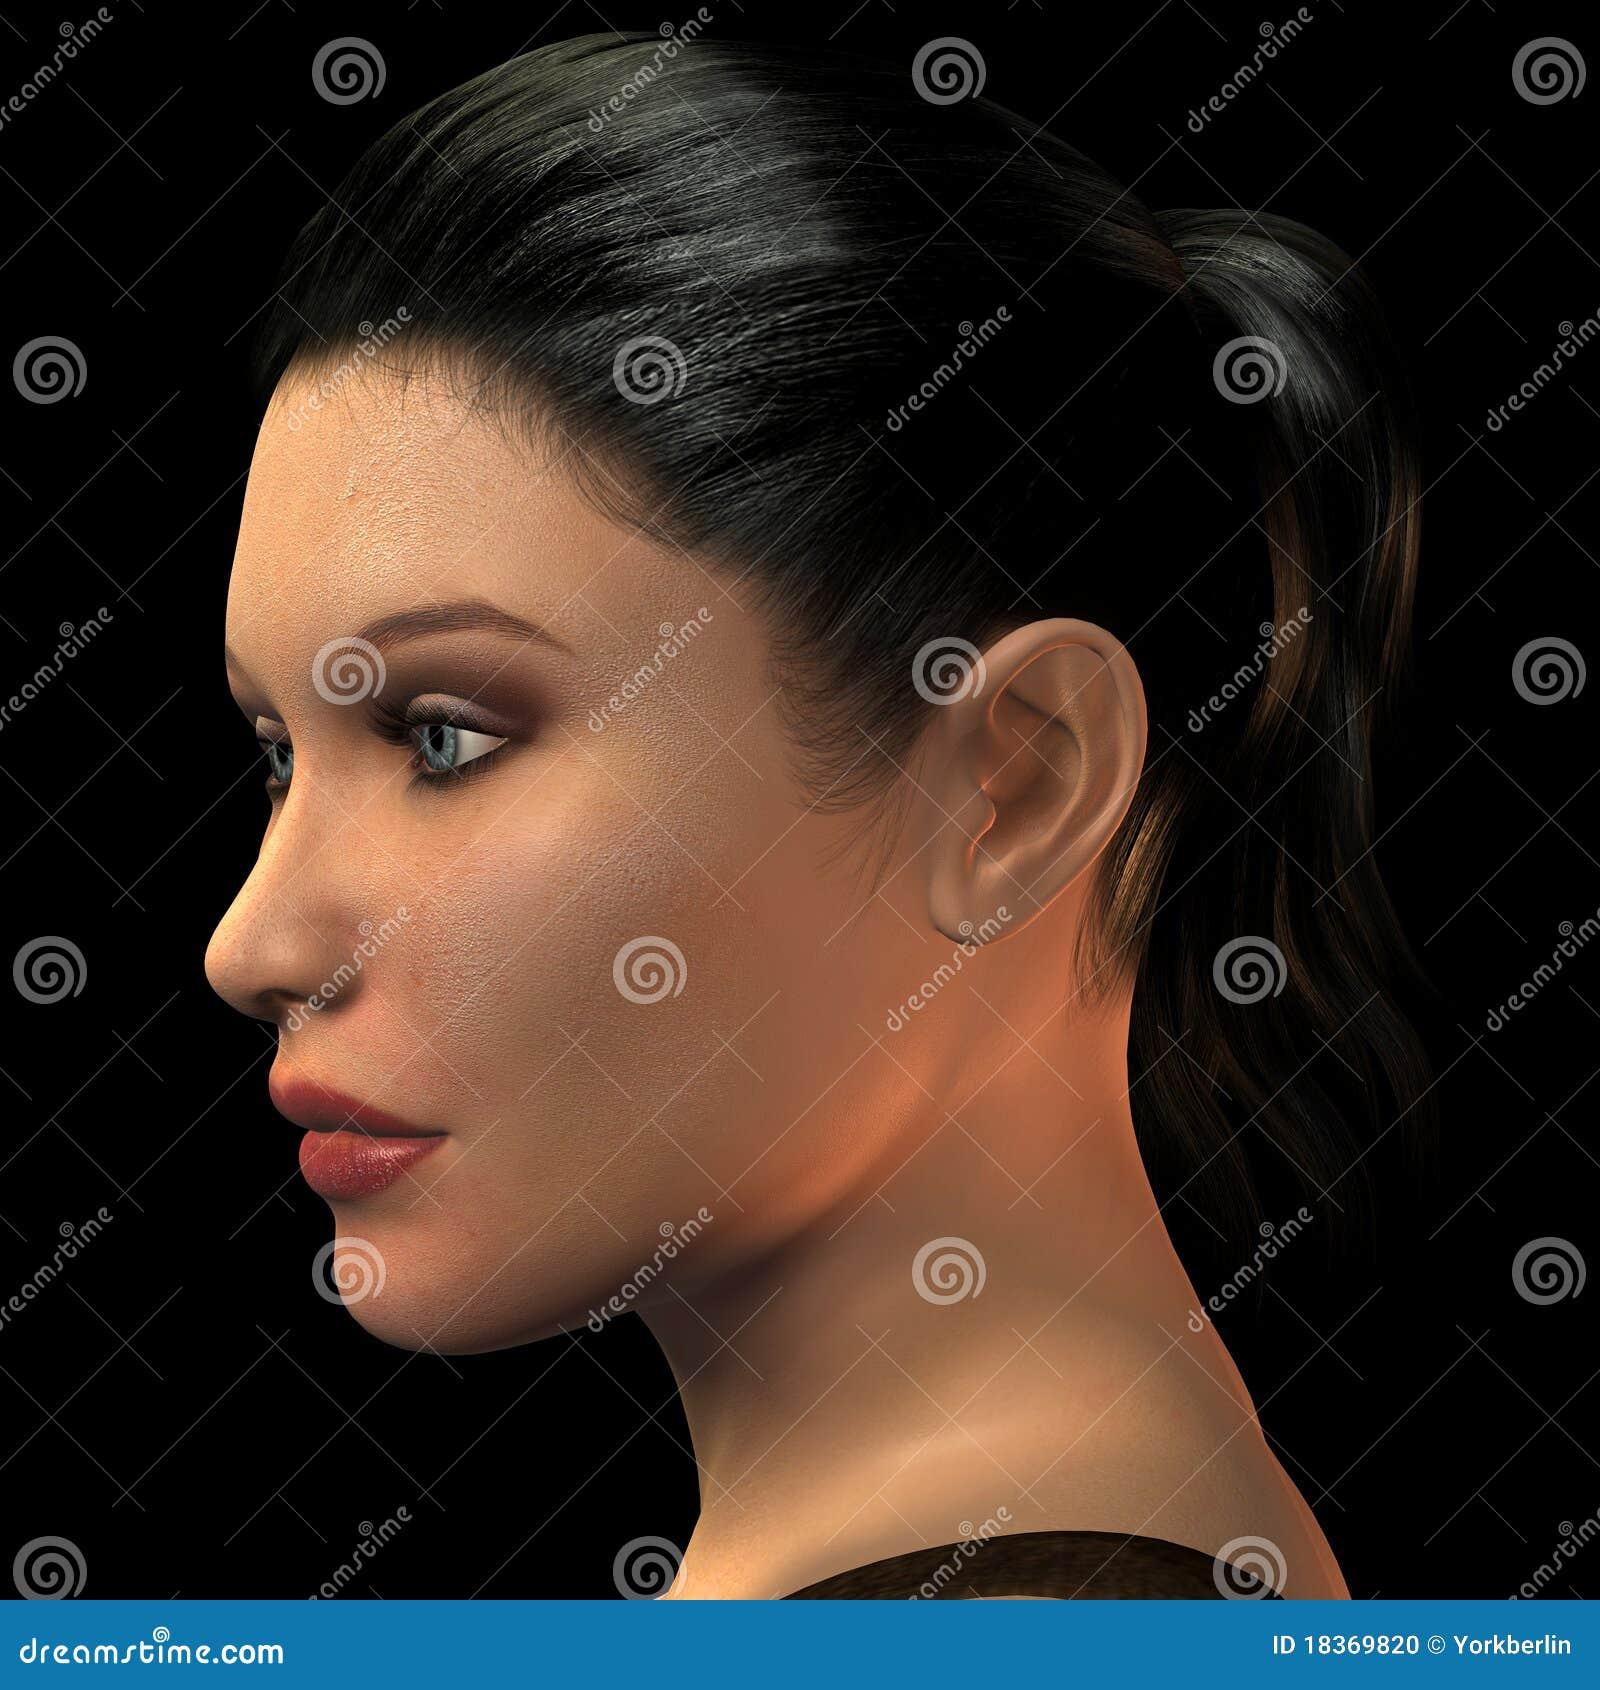 Jente Frau: Junge Frau Des Portraits Mit Dem Kurzen Haar Stock